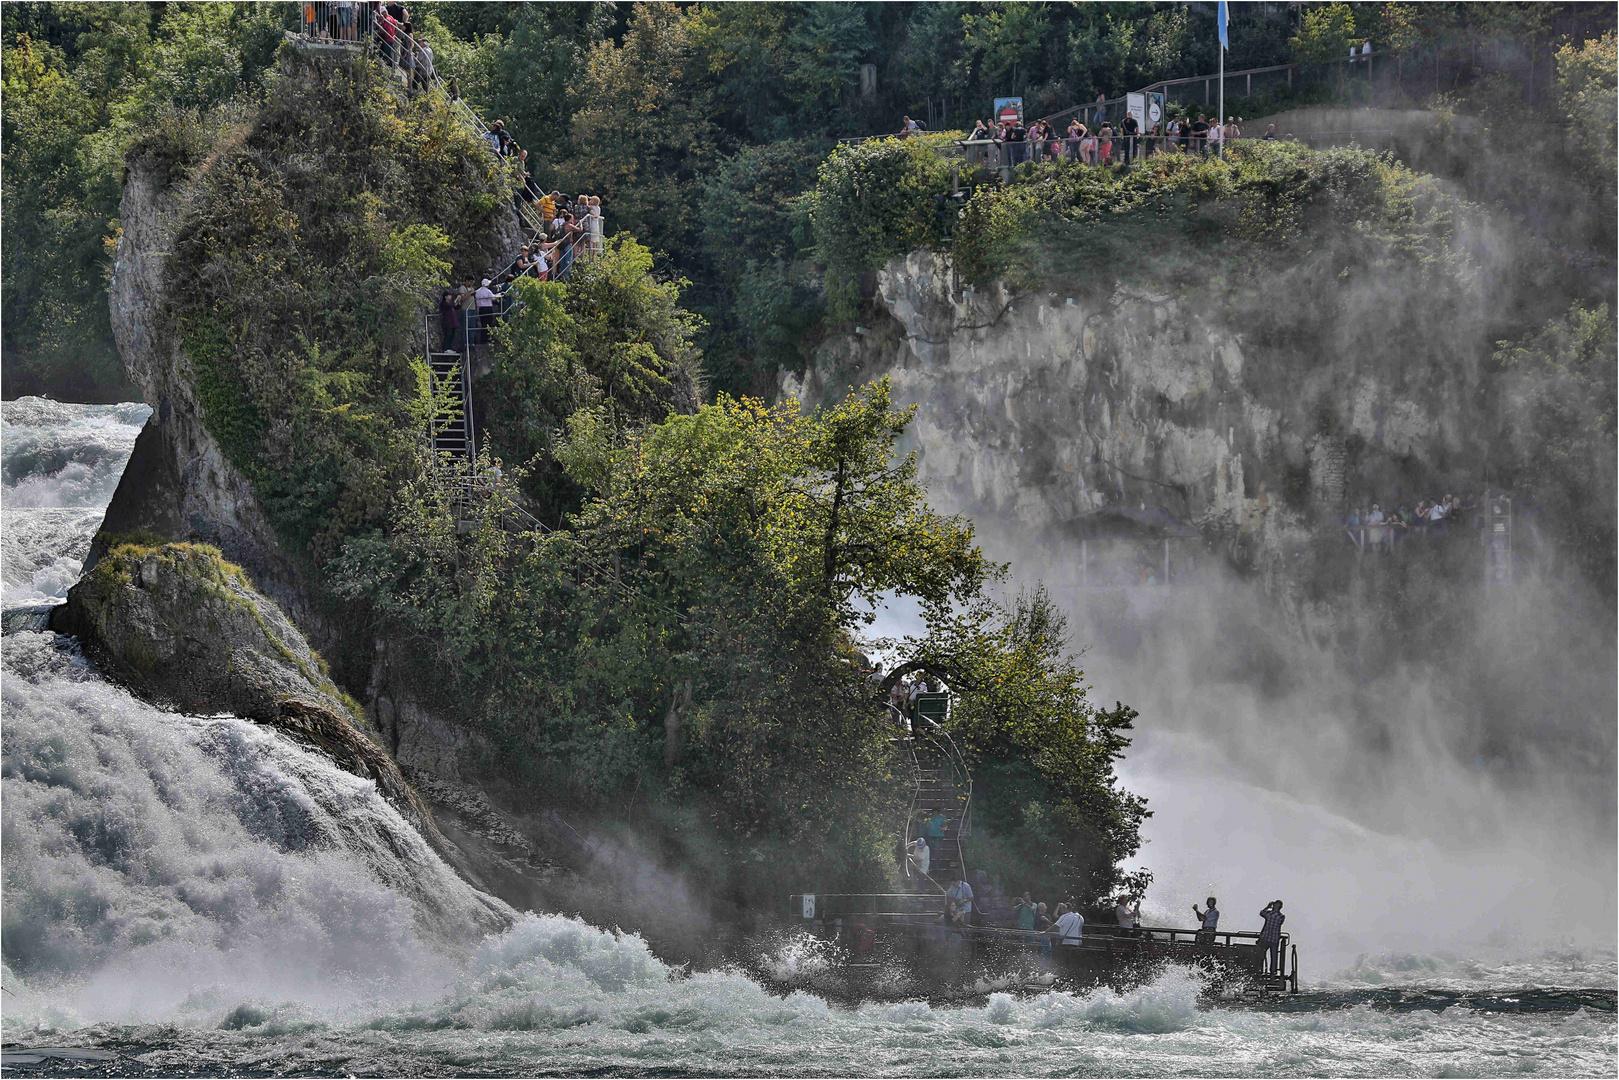 Rheinfall 02 Fels in der tosenden Gischt